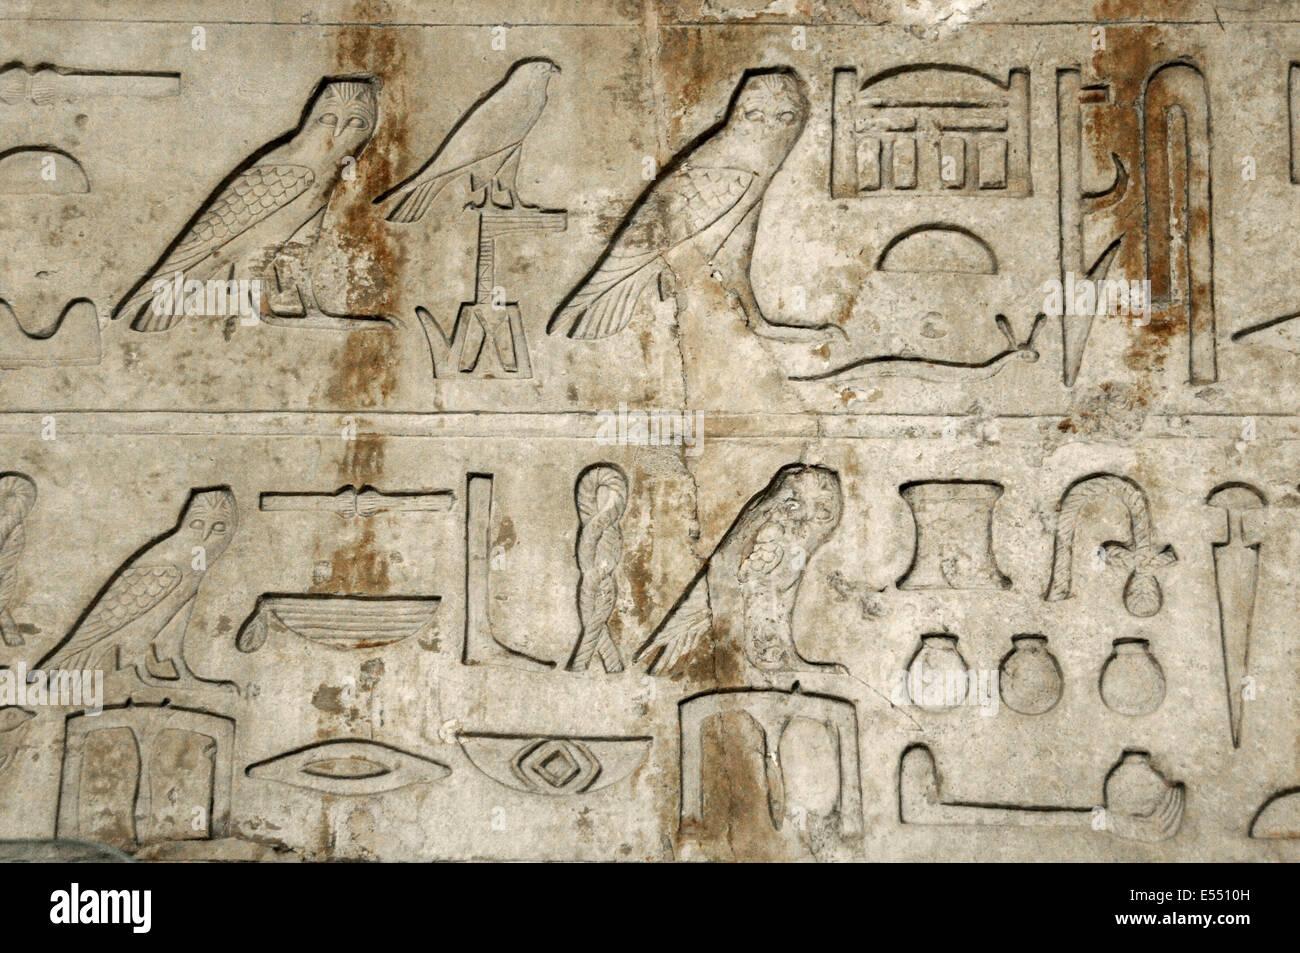 hieroglyphen alphabet stockfotos hieroglyphen alphabet bilder alamy. Black Bedroom Furniture Sets. Home Design Ideas